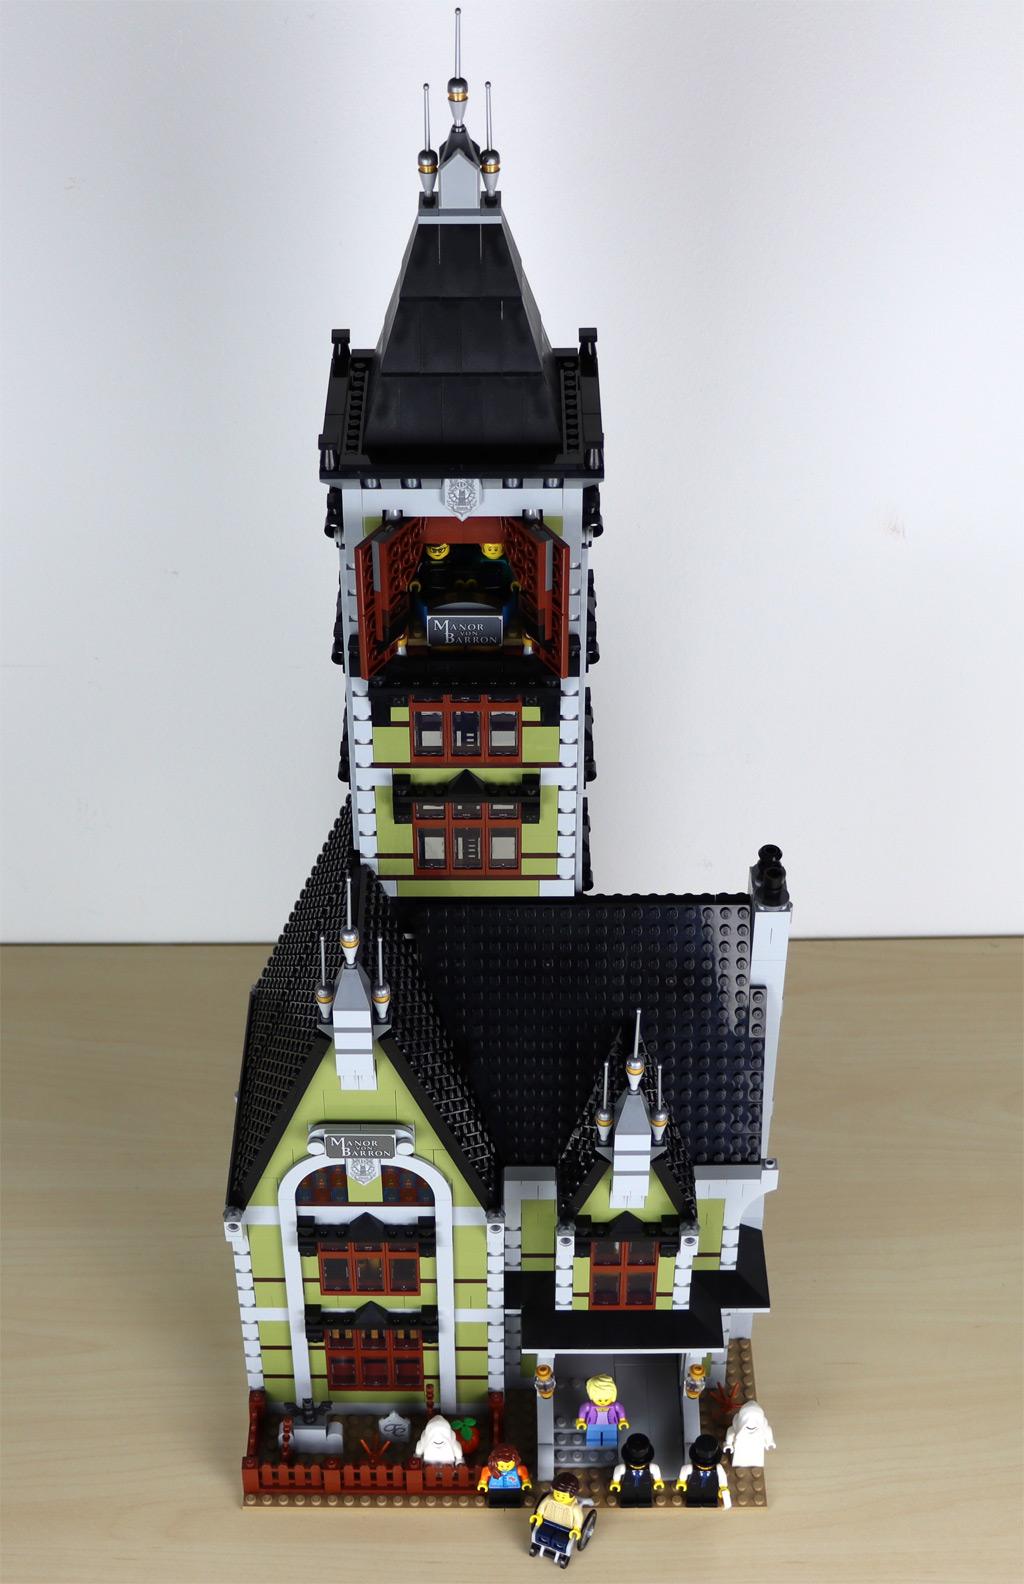 lego-10273-hautend-house-geisterhaus-auf-dem-jahrmarkt-fairground-edition-villa-front-komplett-2020-zusammengebaut-andres-lehmann zusammengebaut.com